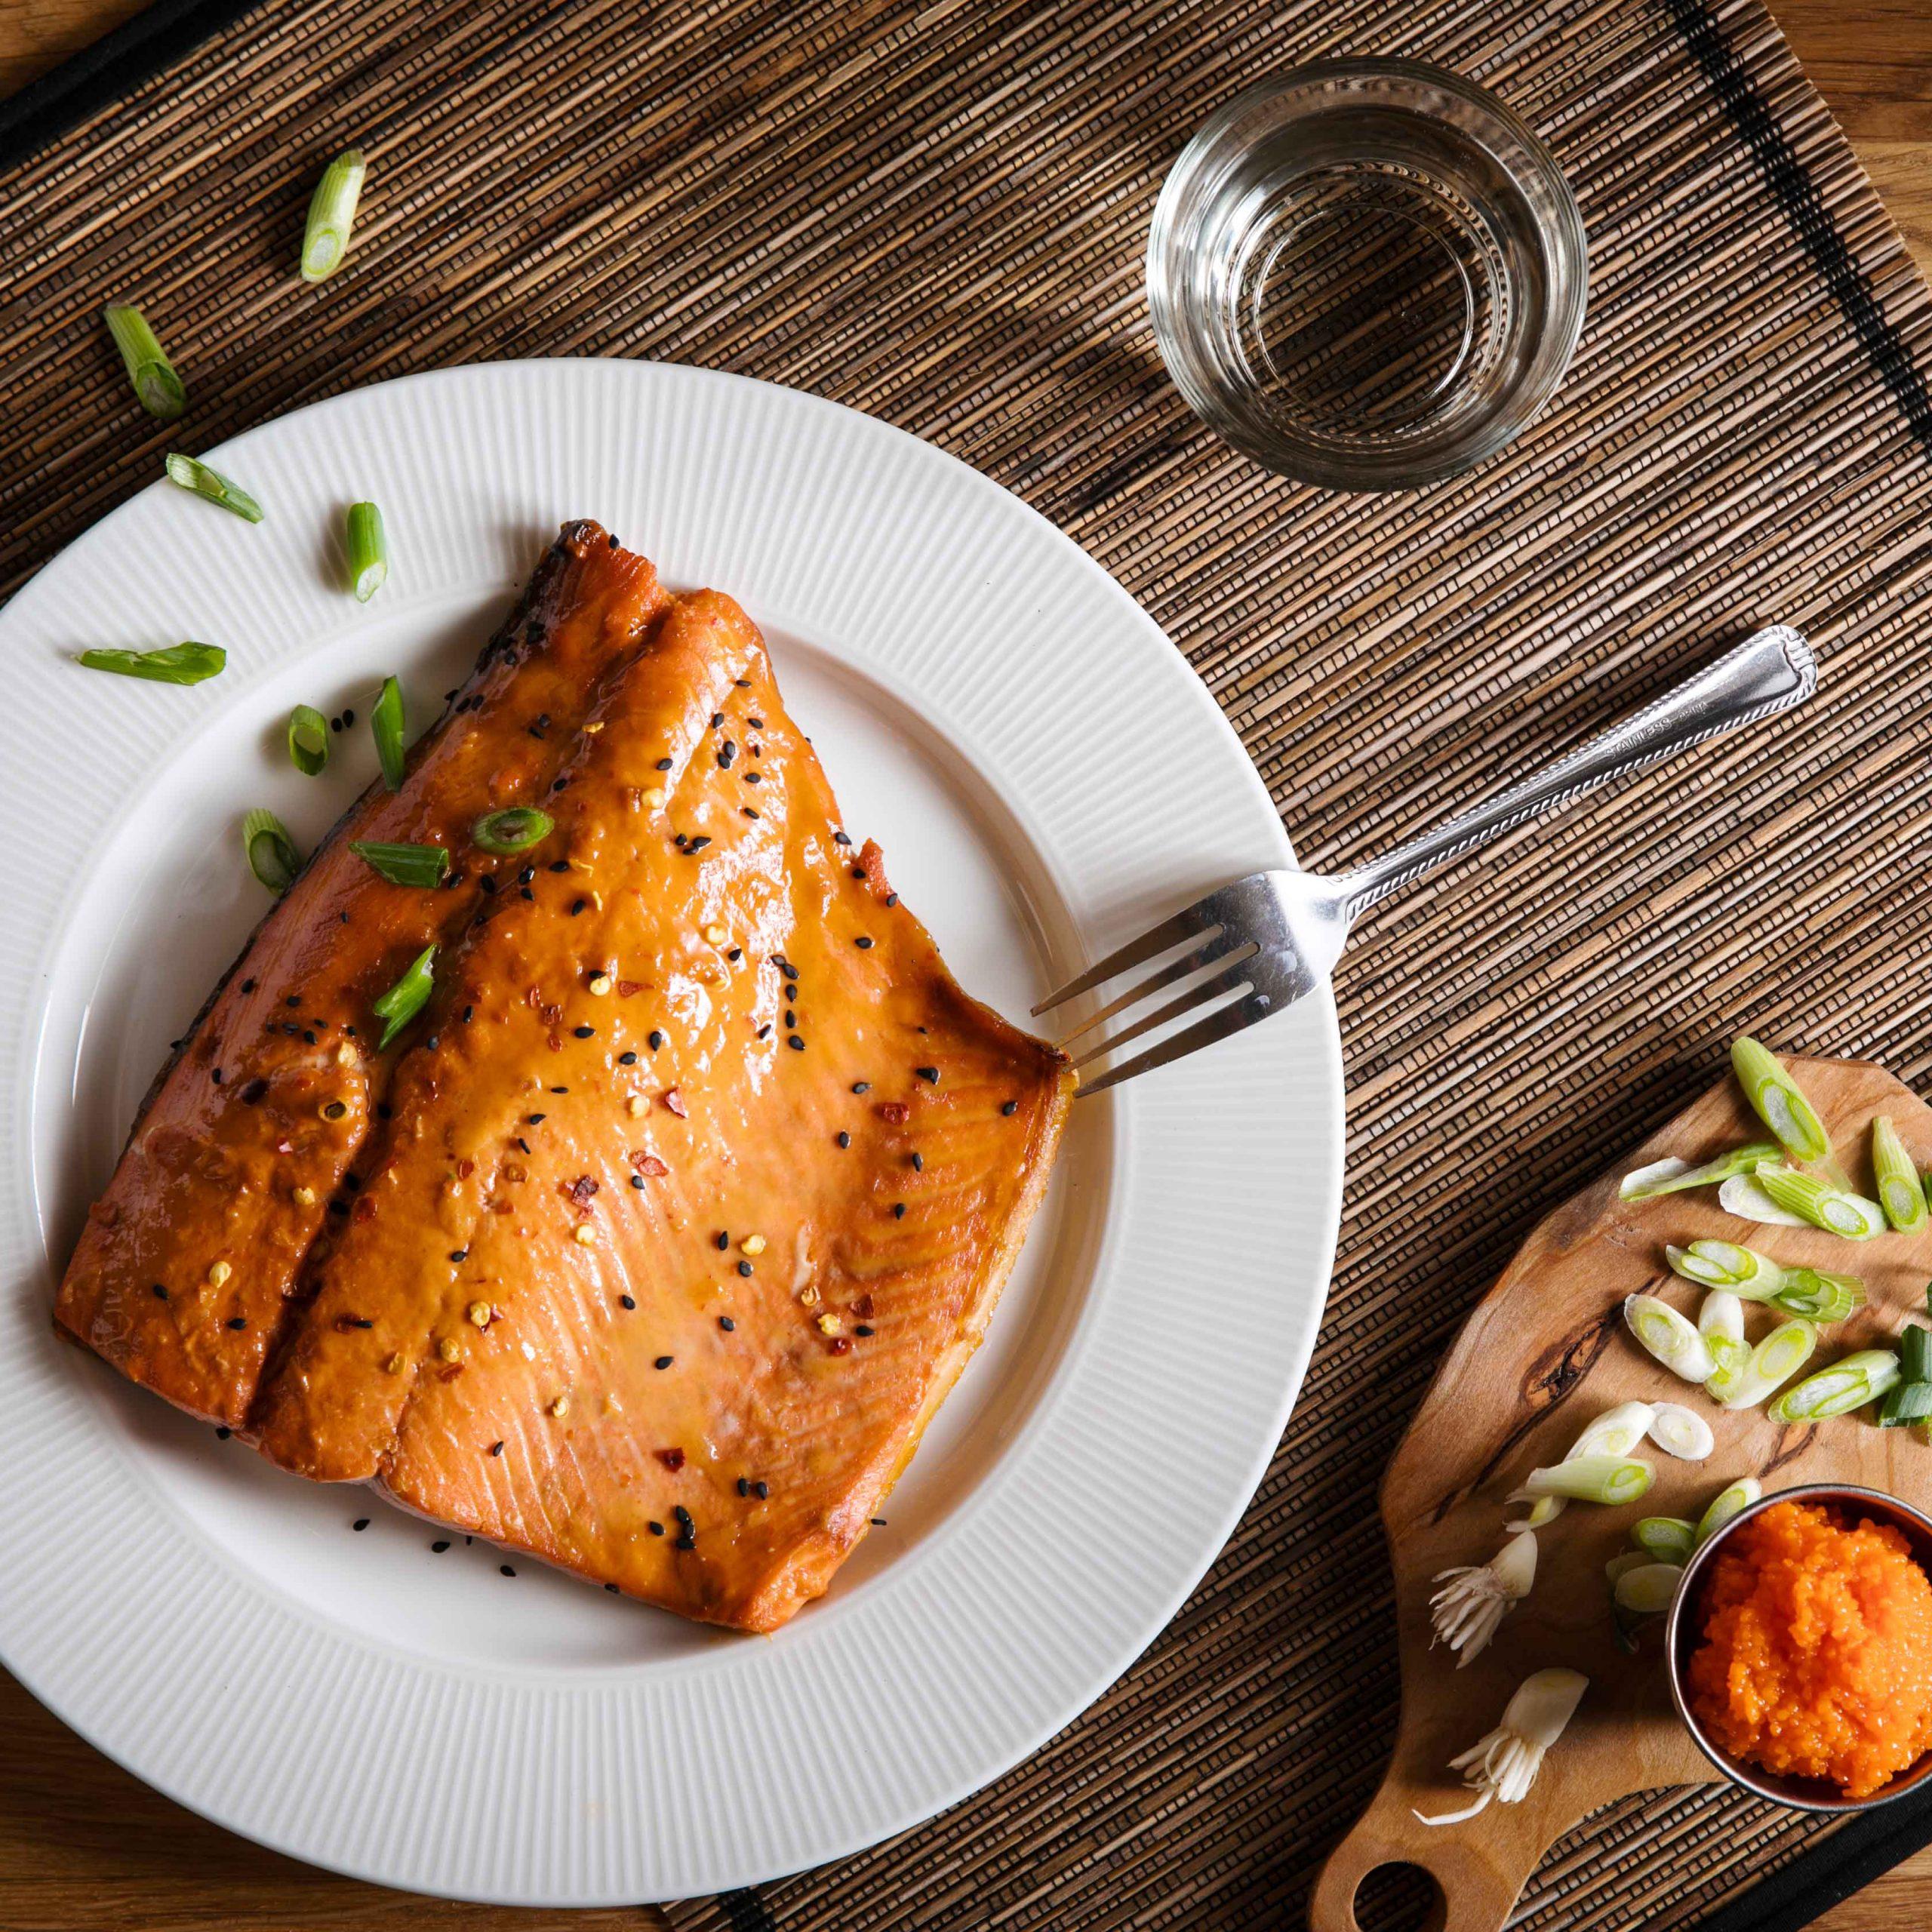 sitka salmon